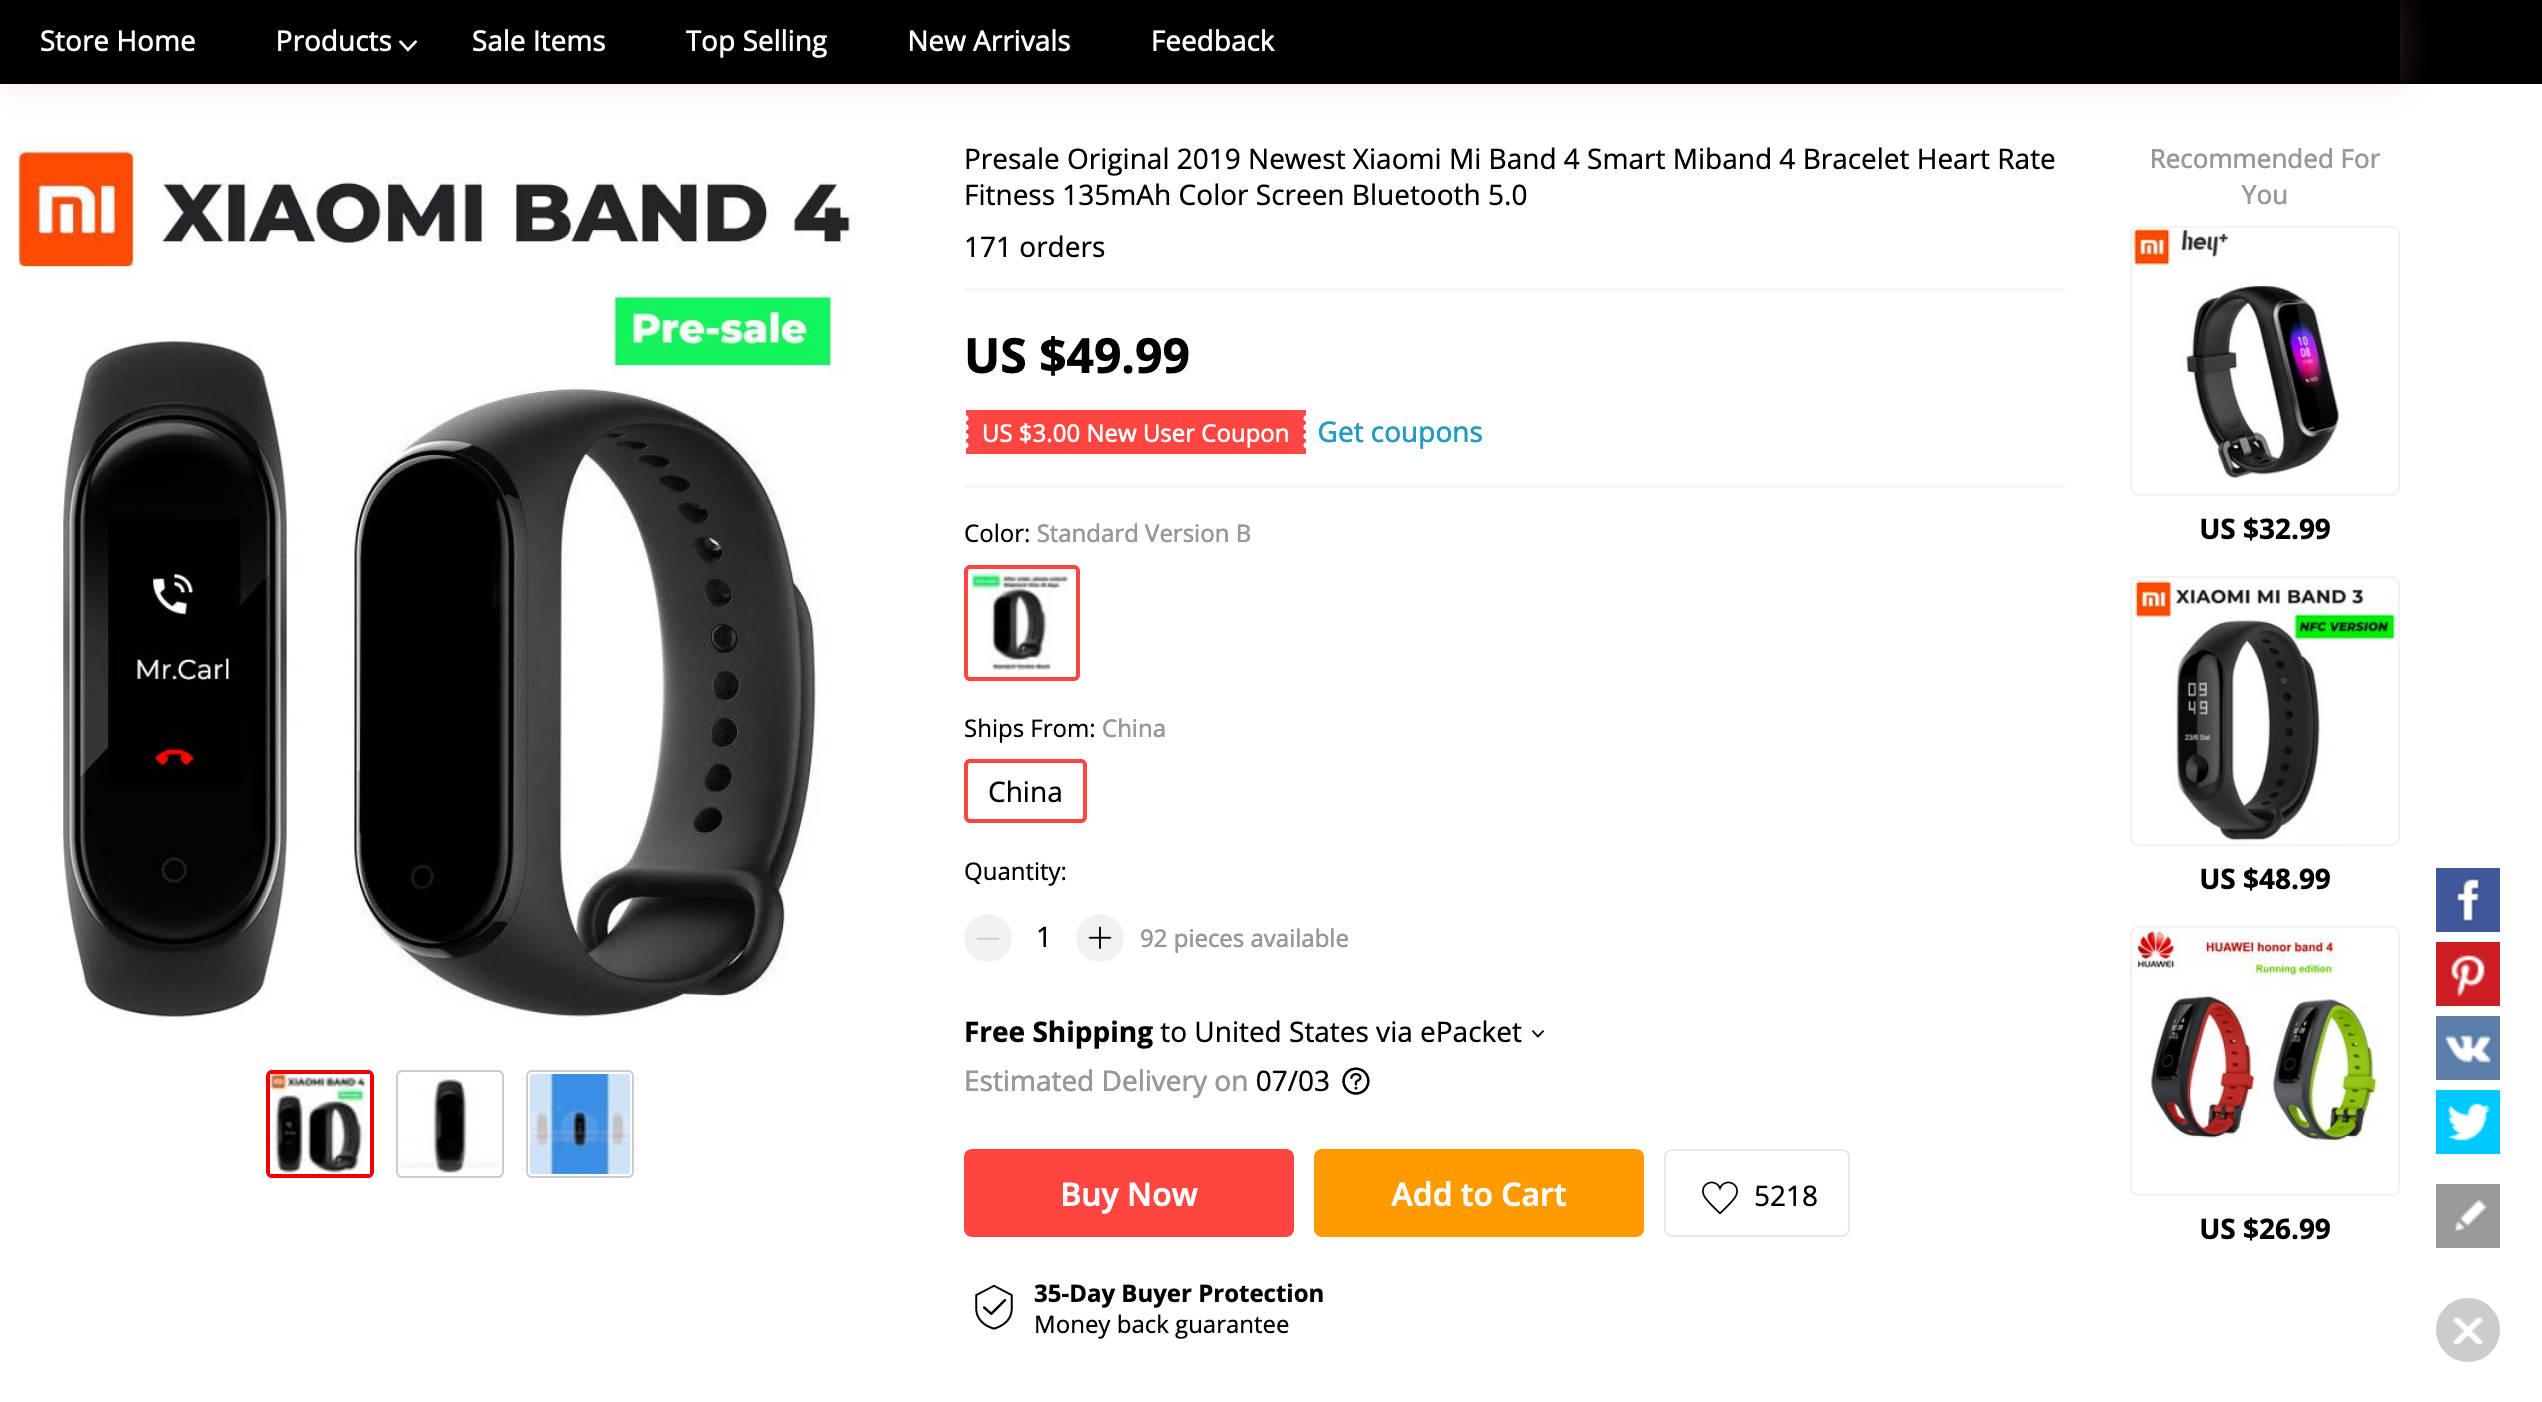 Xiaomi Mi Band 4 cena przedsprzedaż kiedy premiera opinie gdzie kupić najtaniej w Polsce Aliexpress funkcje